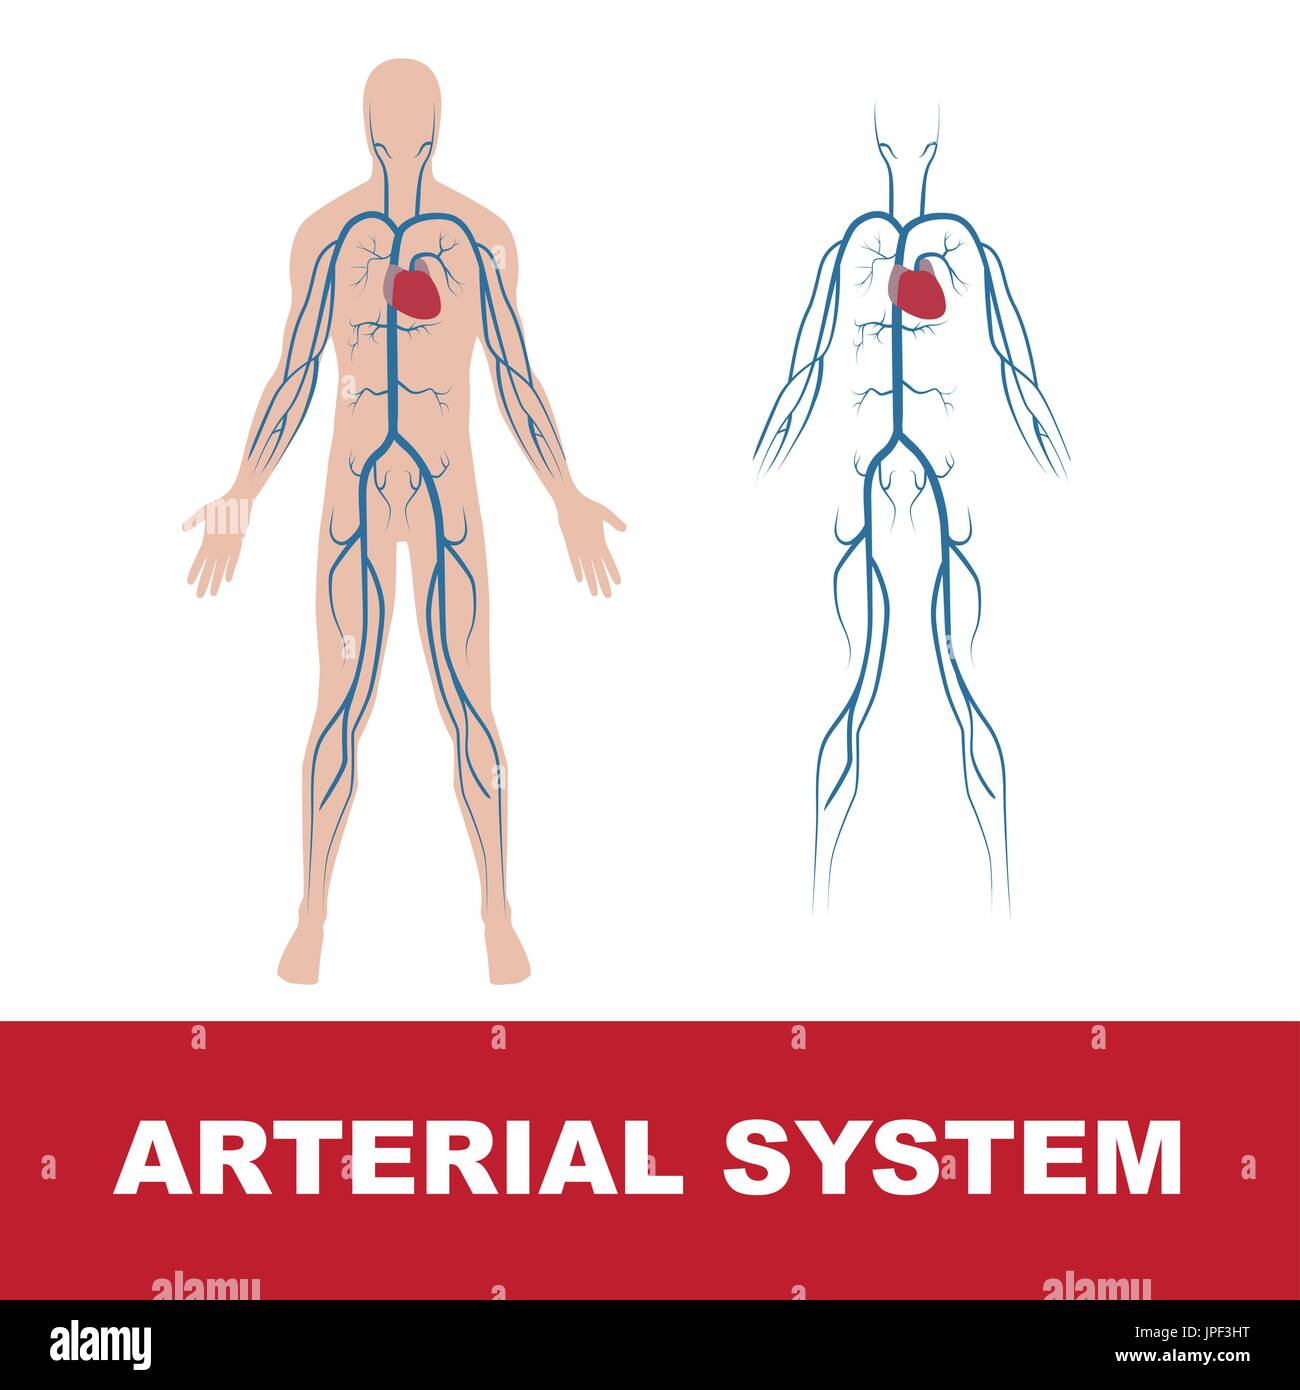 Vektor-Illustration der menschlichen arteriellen System isoliert auf ...